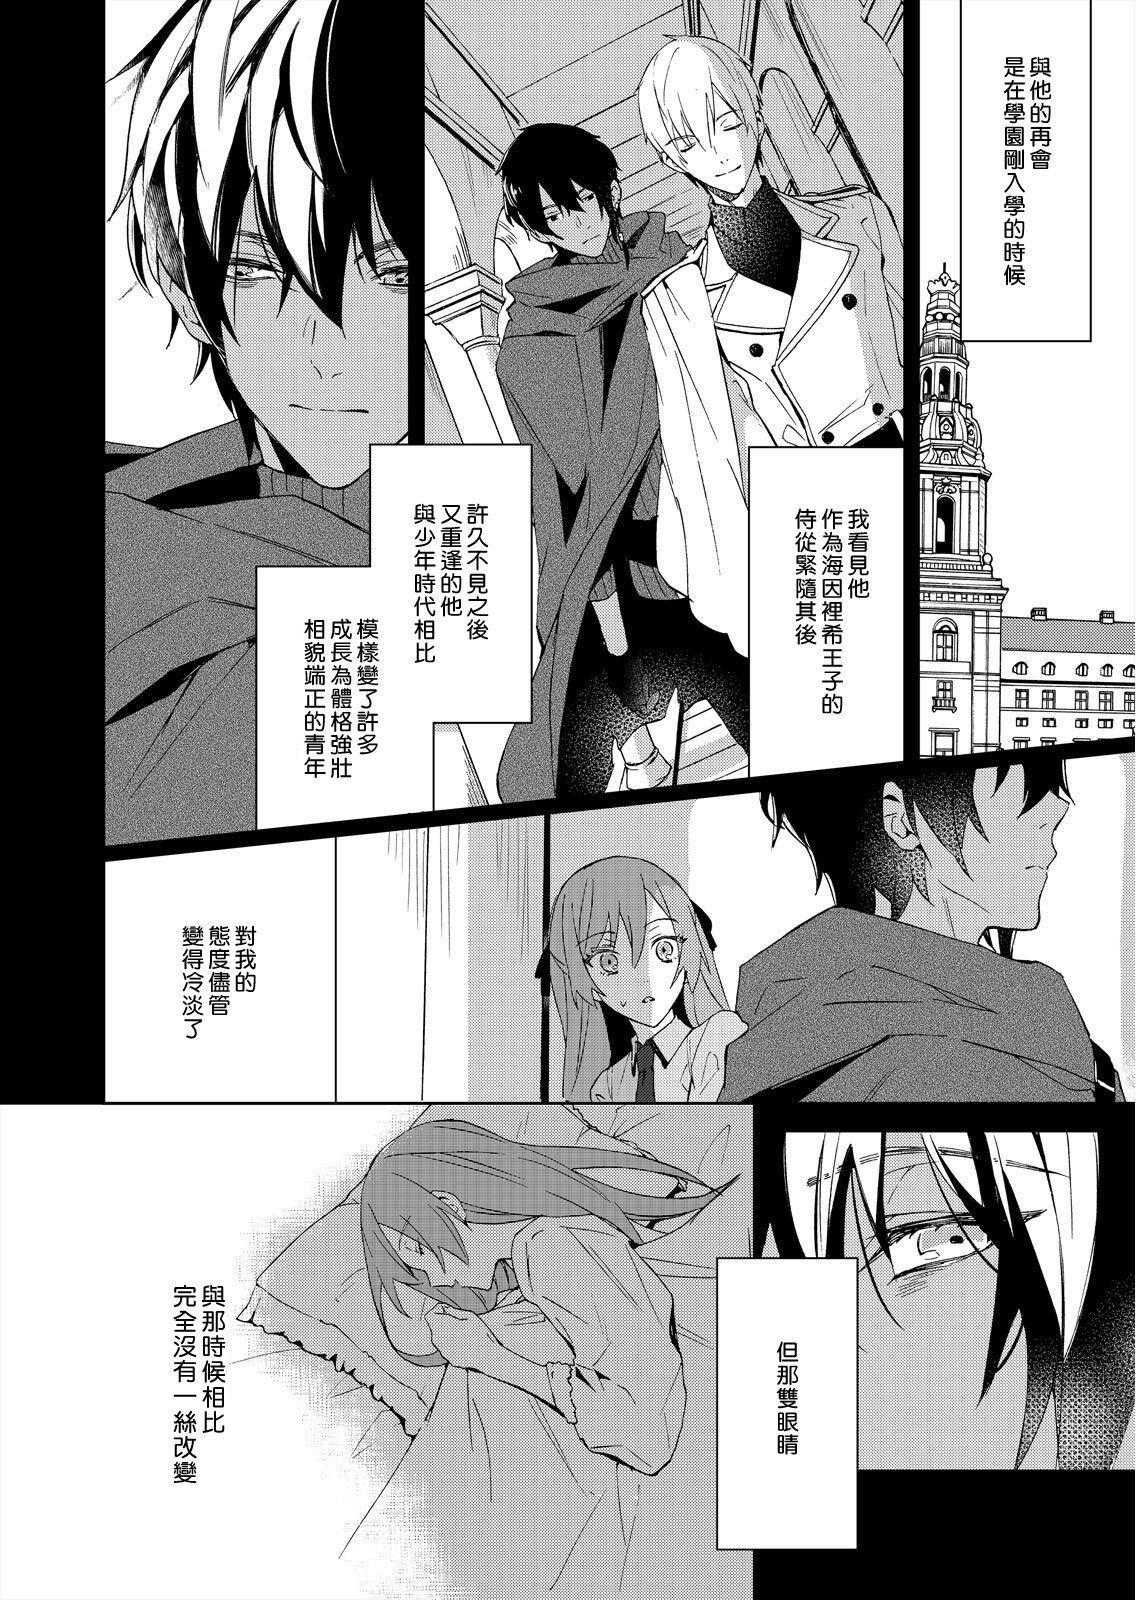 [Yuzushiwo] Akuyaku Reijou wa Ichizu ni Dekiai sarete ~Noumitsu Sex no Aite wa Juuboku~ | 被疯狂溺爱的反派大小姐~浓密性爱对象是仆从~ 1-5 [Chinese] [莉赛特汉化组] 11